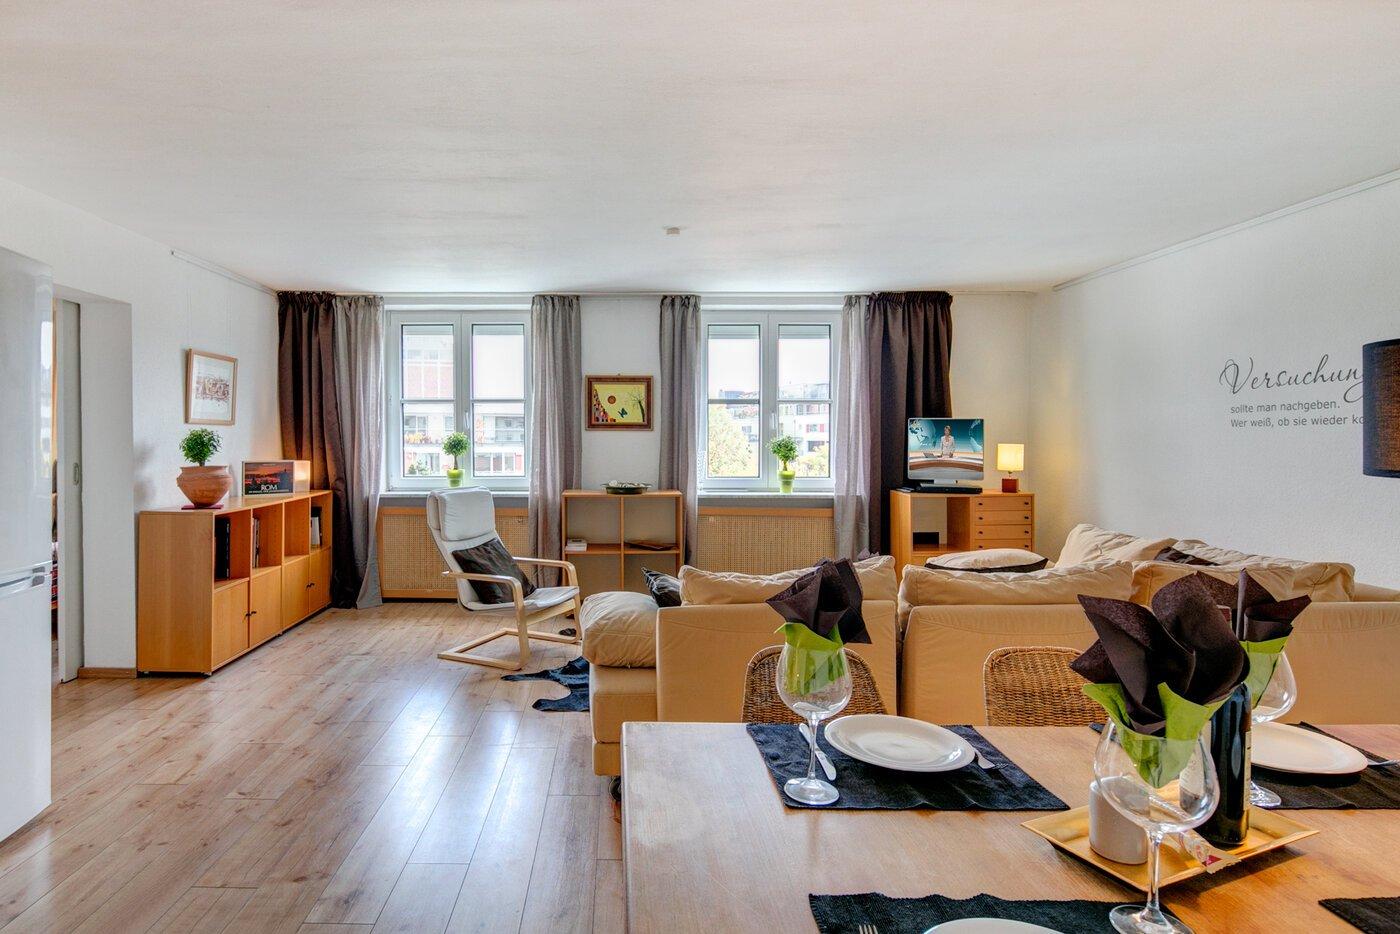 2 camere appartamento ammobiliato lavatrice nell 39 appartamento monaco maxvorstadt 9733. Black Bedroom Furniture Sets. Home Design Ideas